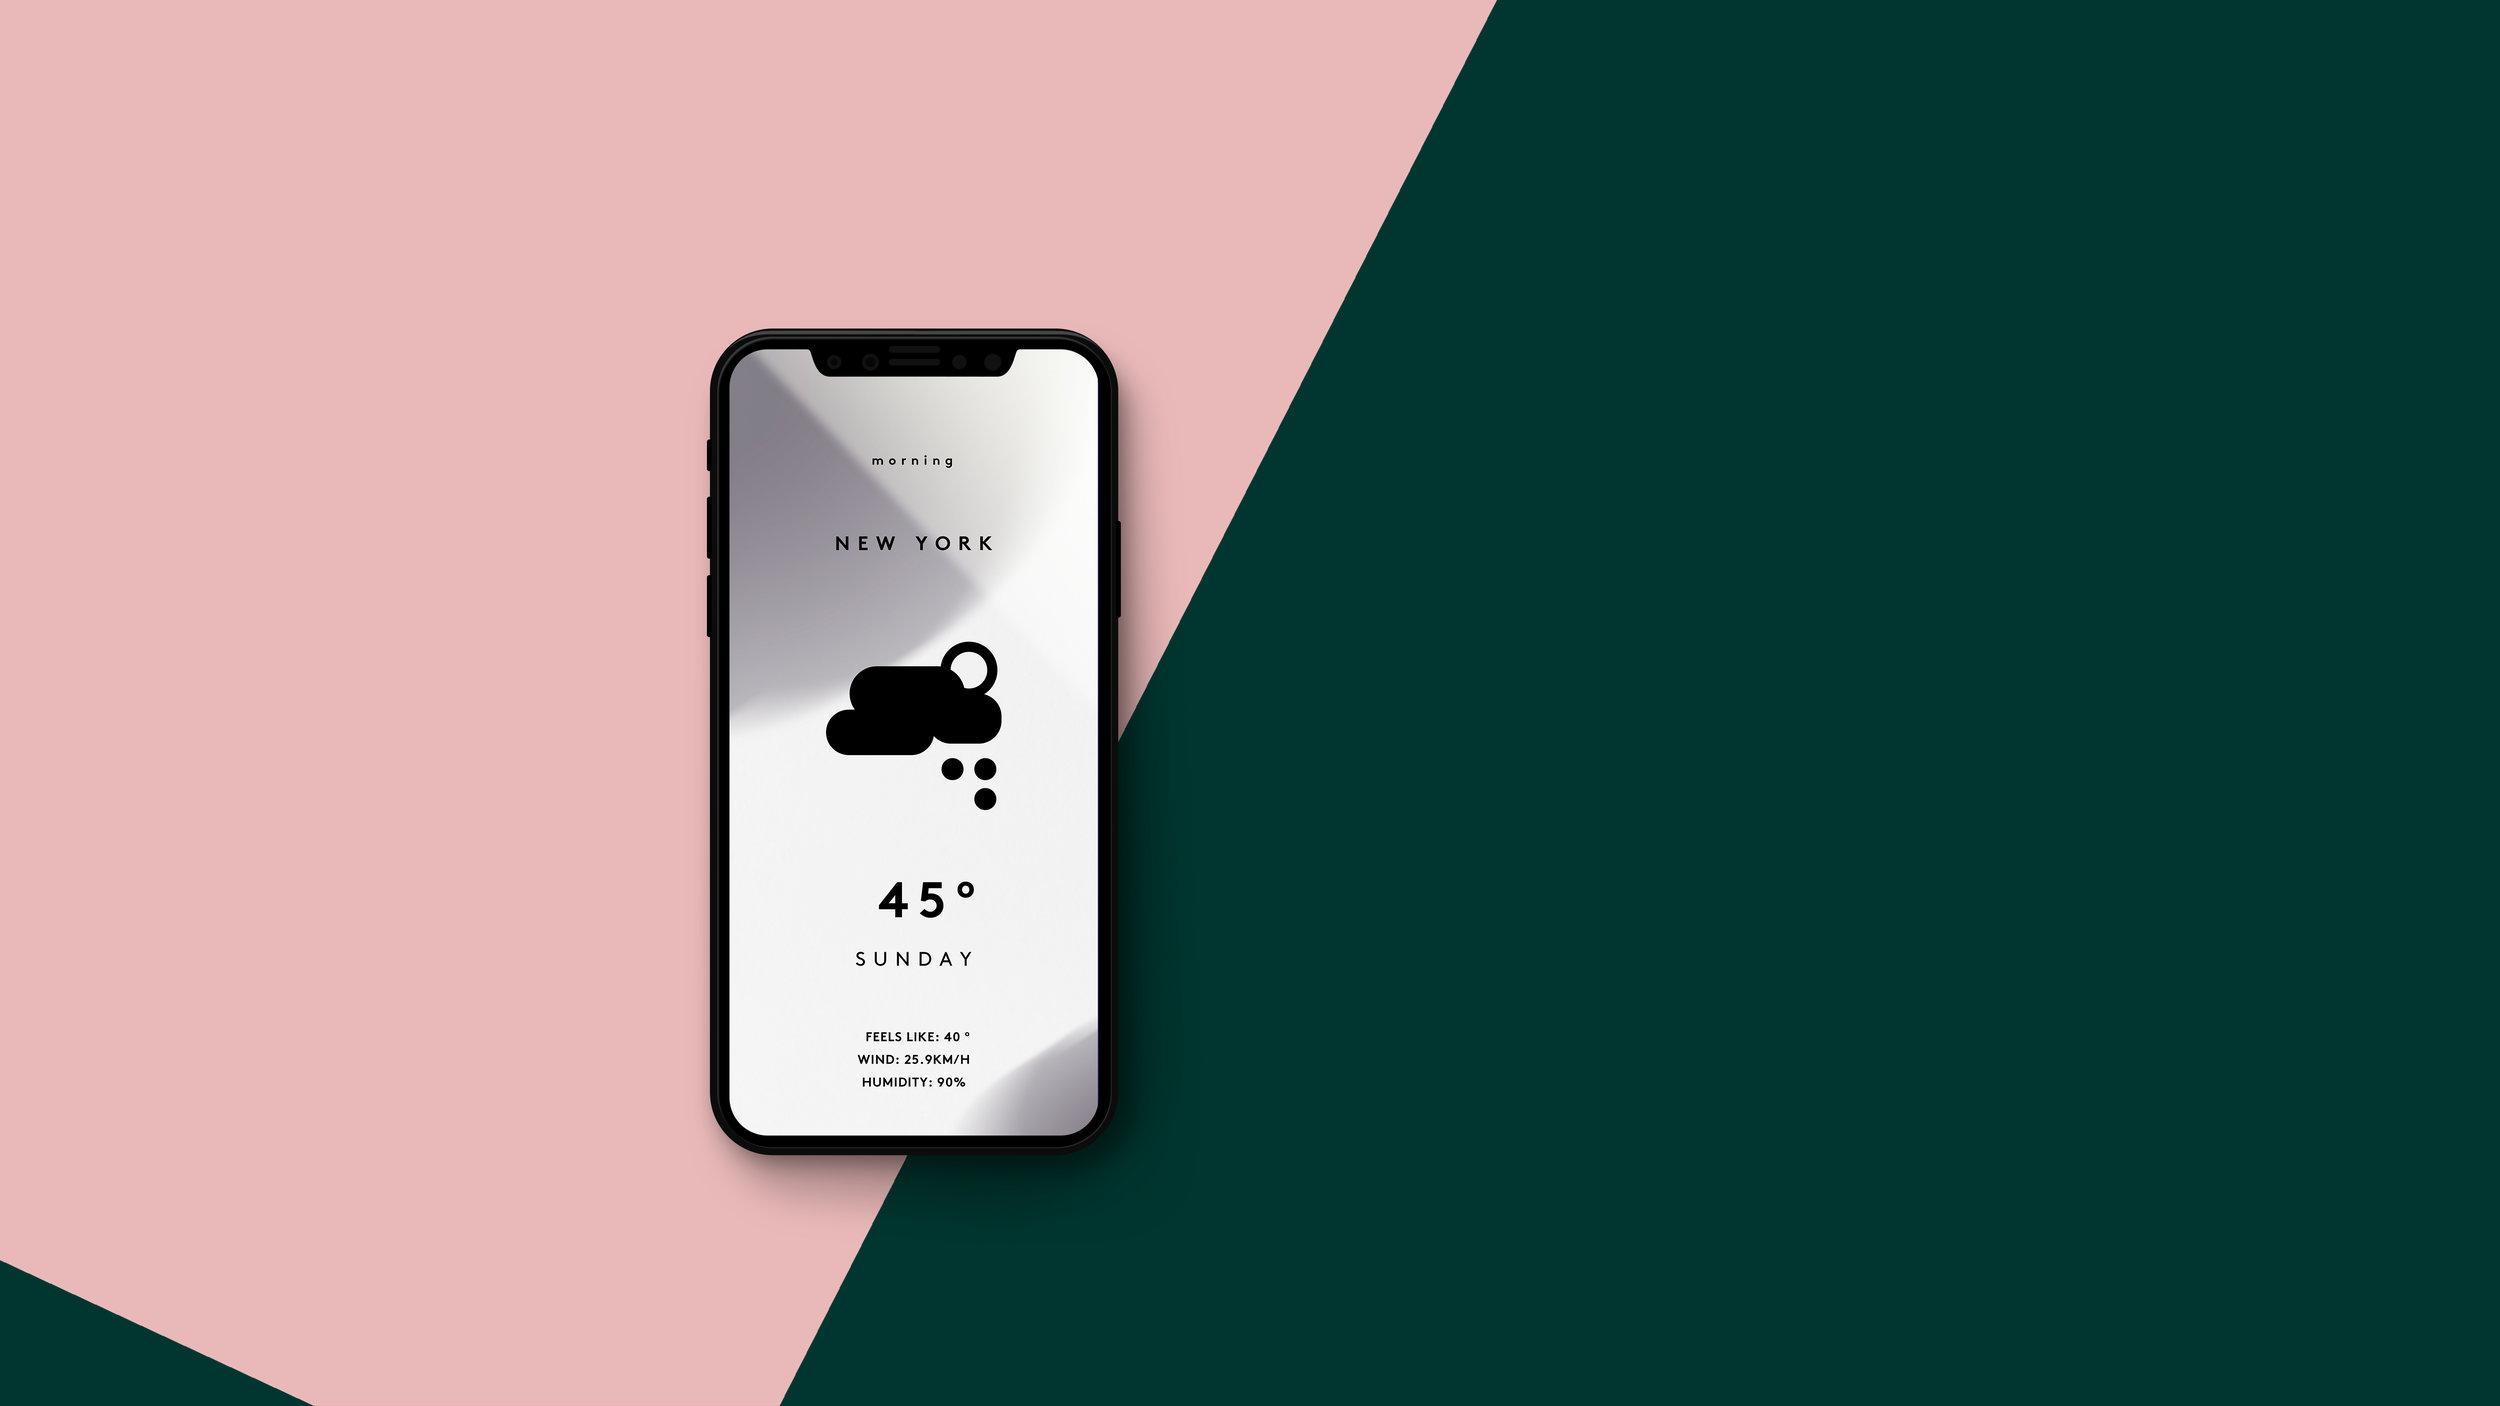 iphone-8-mockup-downloadable.jpg